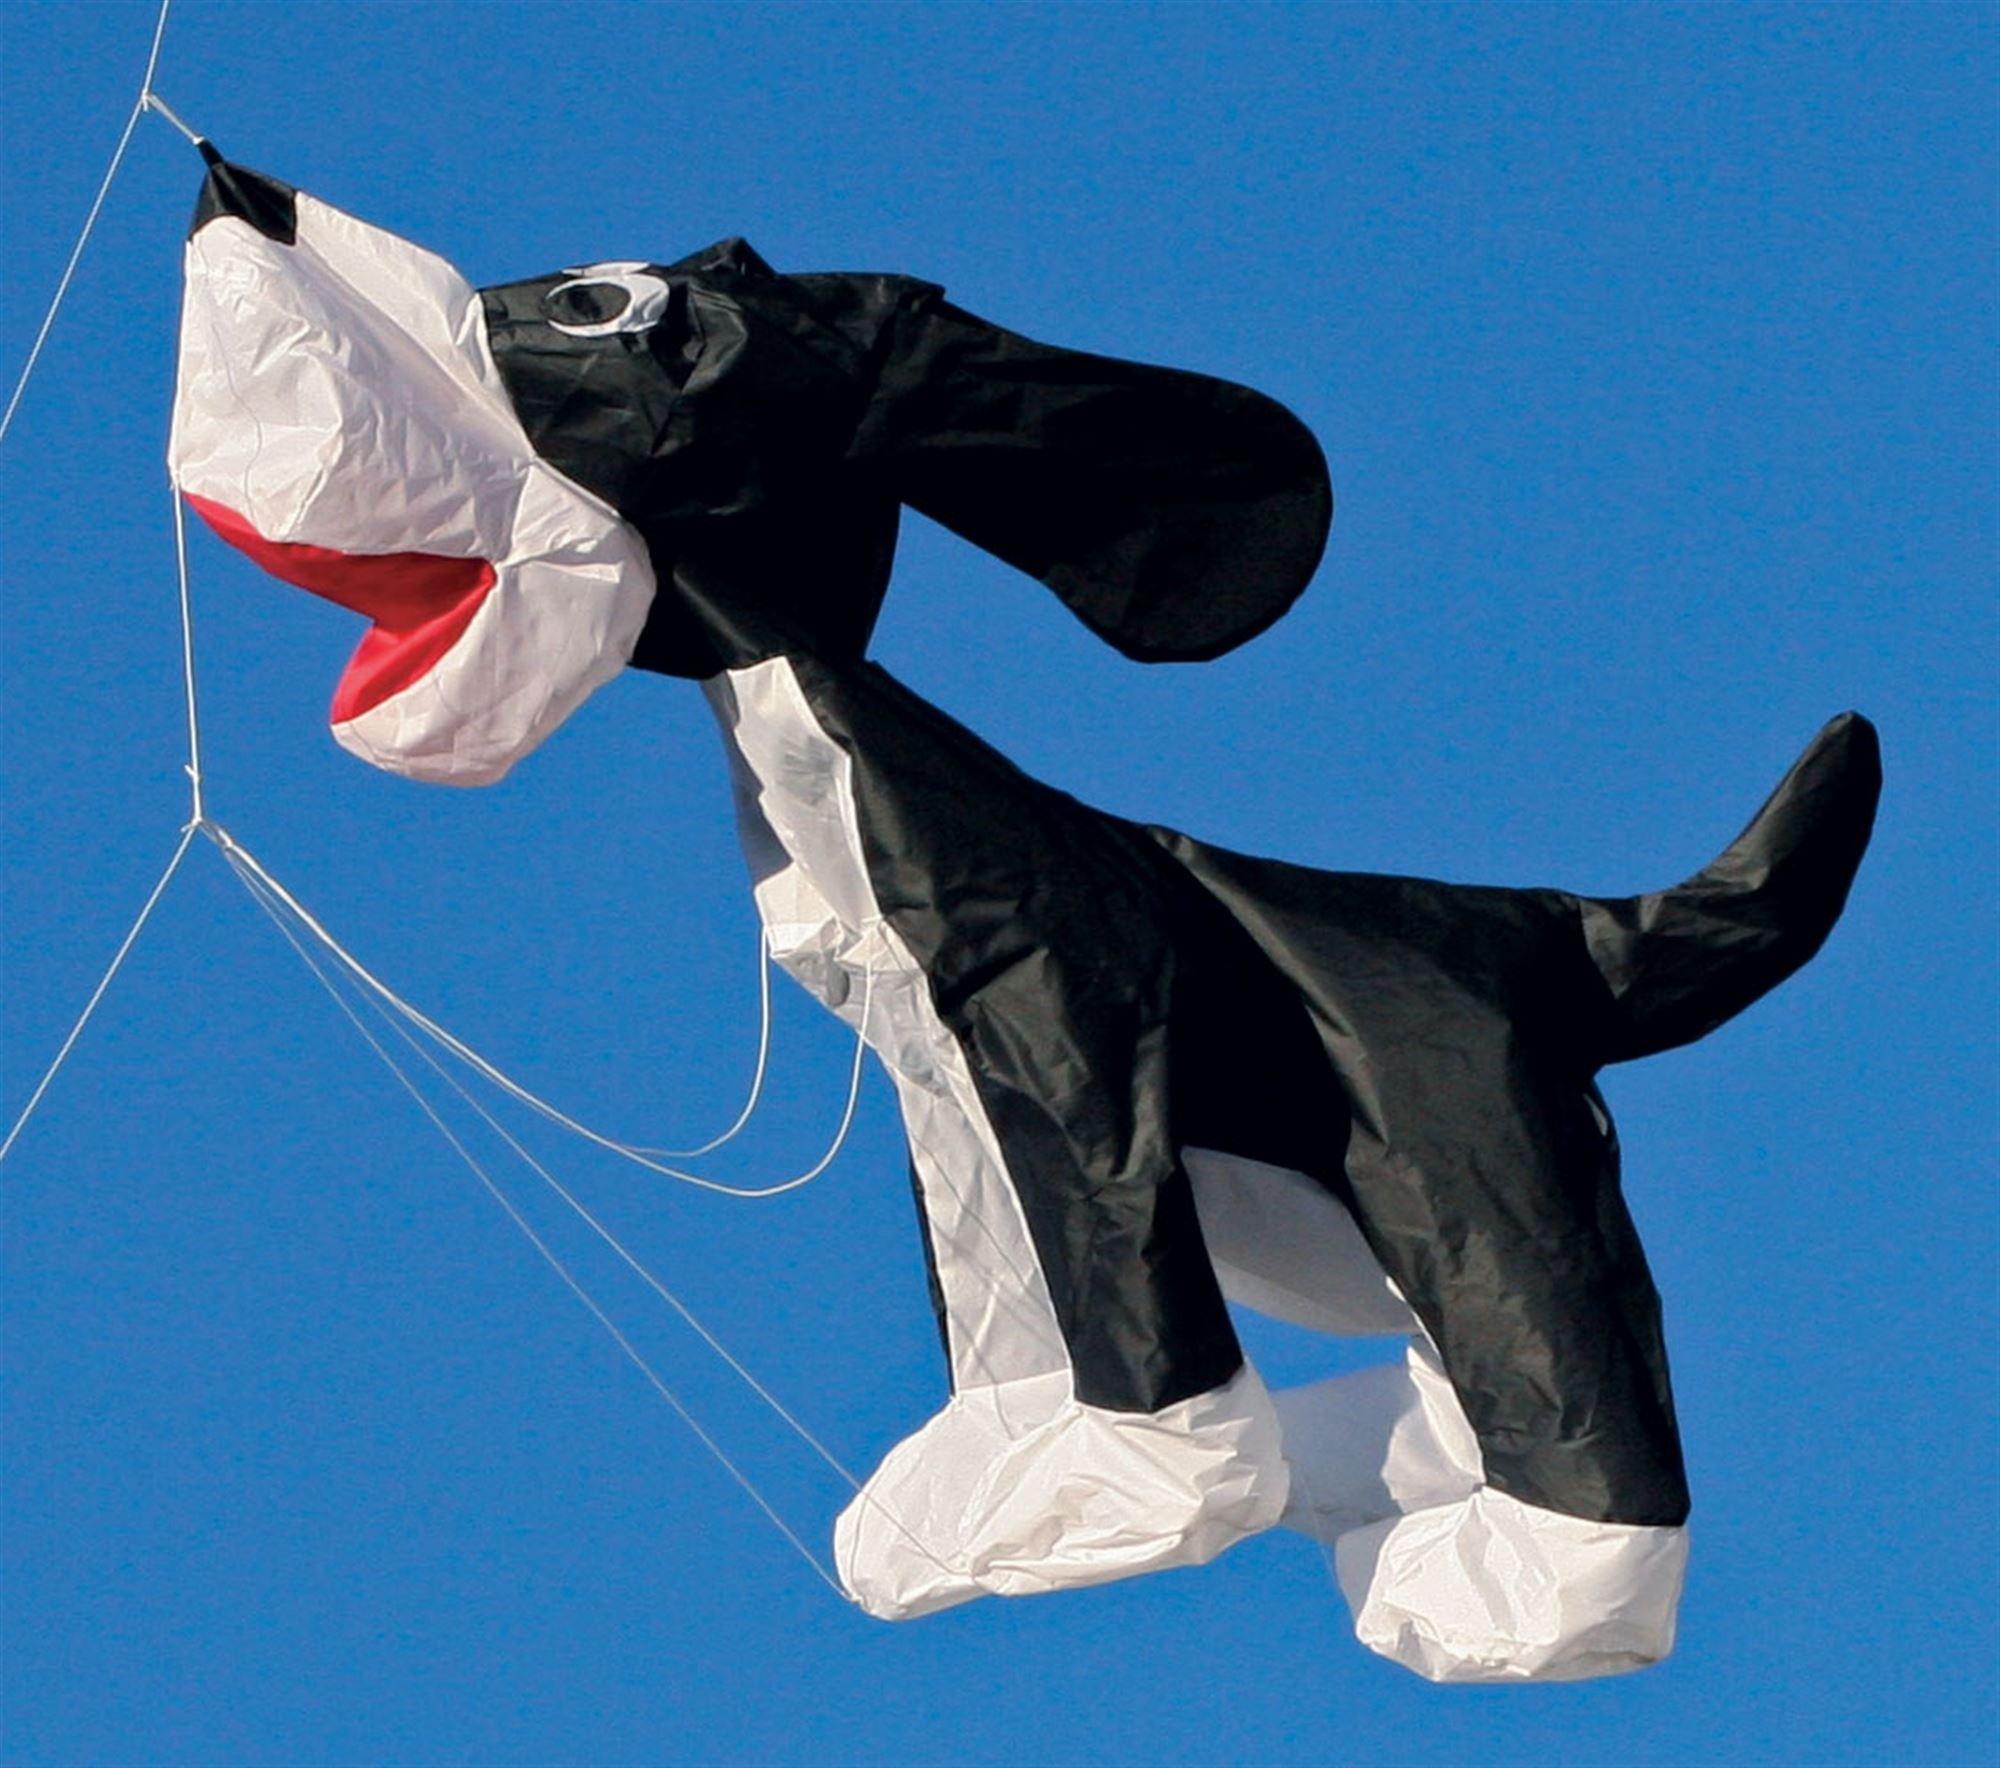 4-ft Skippy Jr Kite Line Laundry